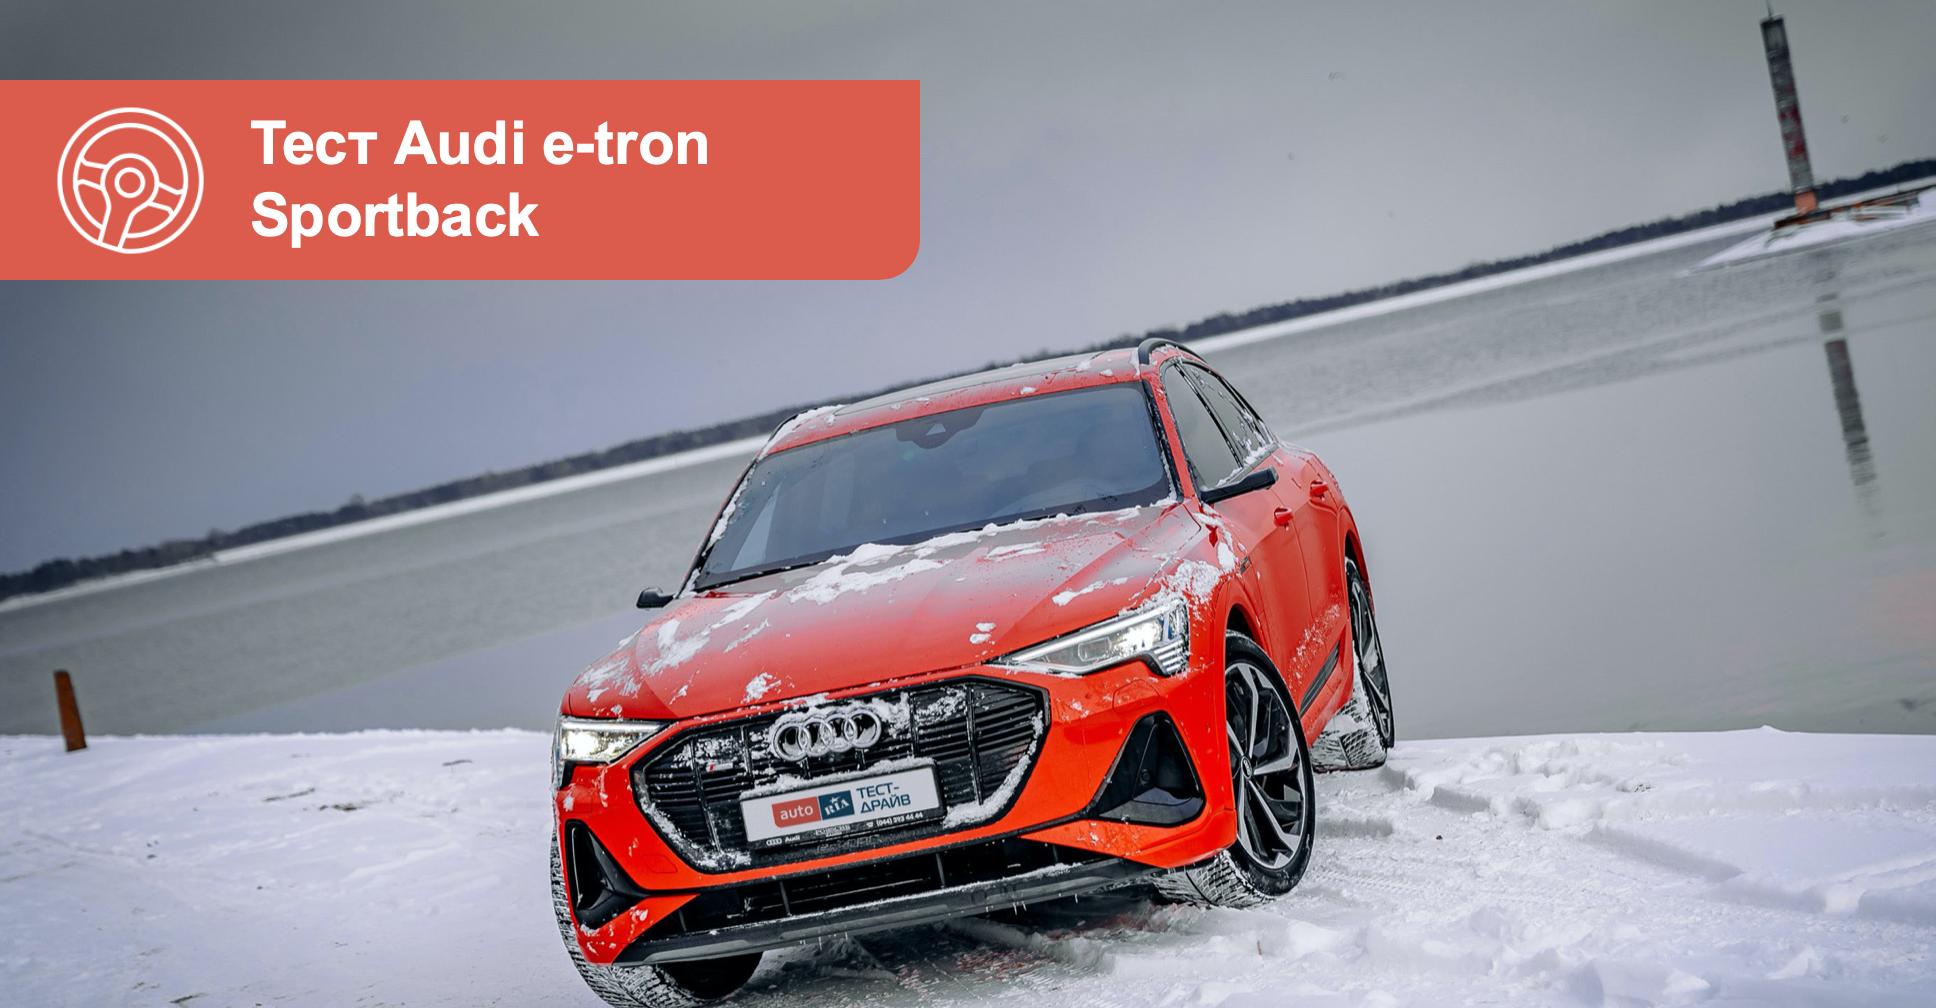 Ауди 2021 тест драйв и обзор Audi e-tron Sportback с фото